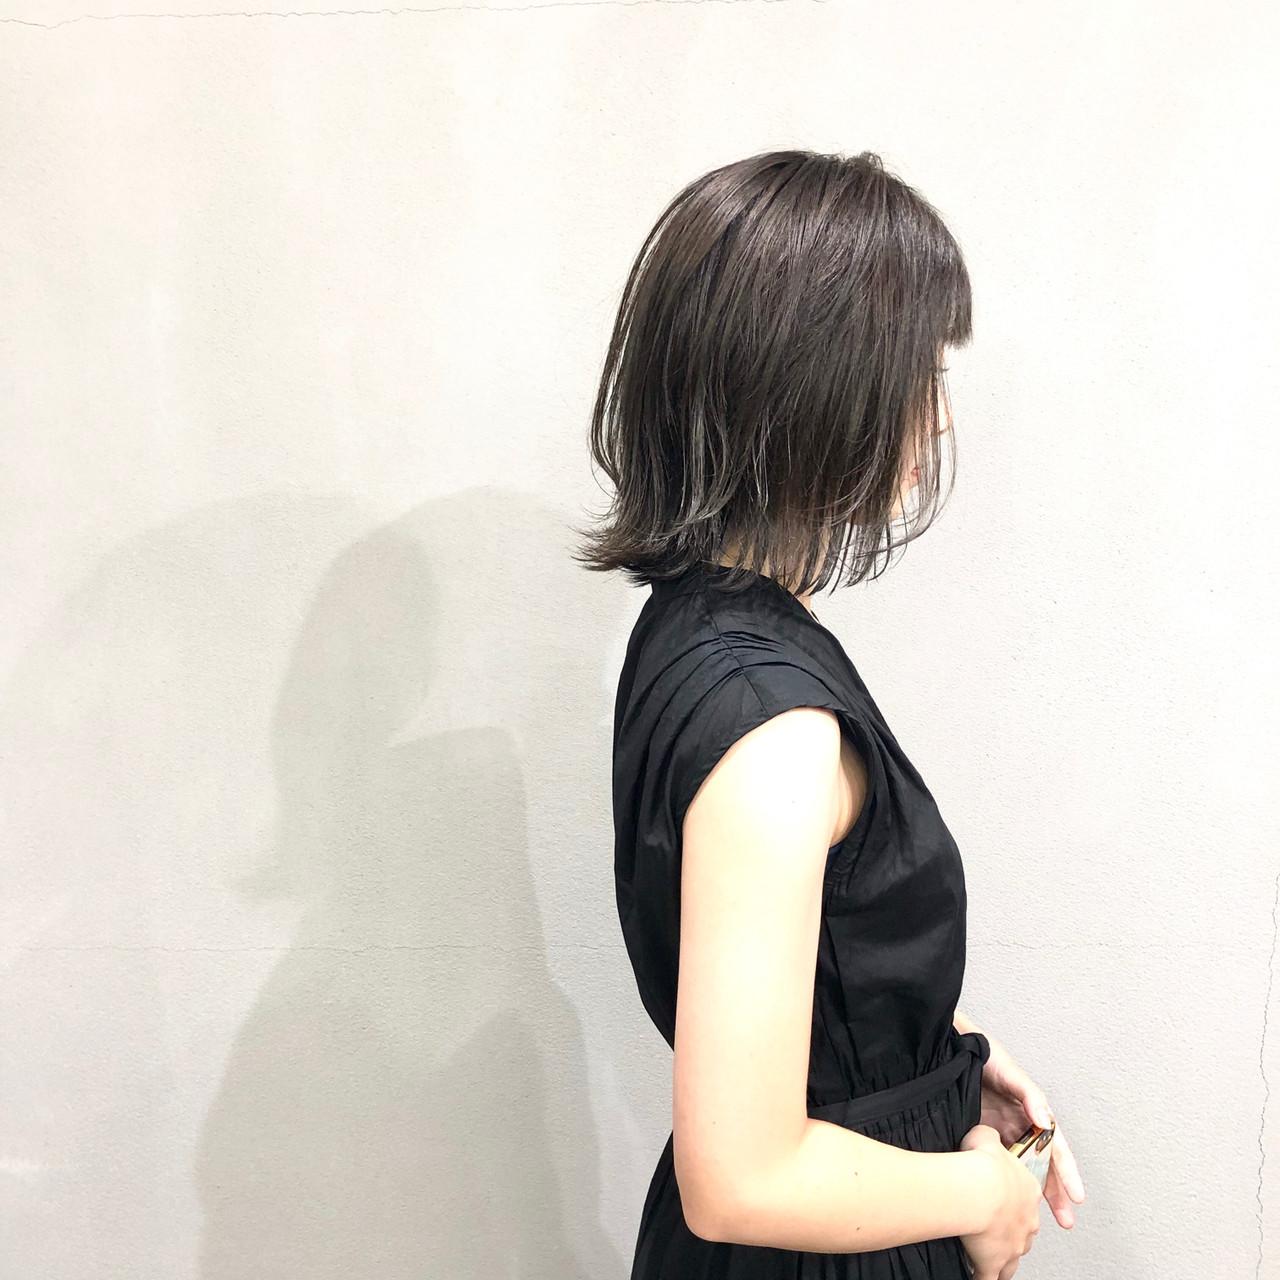 ラベンダーグレー 簡単スタイリング 外ハネボブ イルミナカラー ヘアスタイルや髪型の写真・画像 | 葛西 祐介【#tag】 / #tag